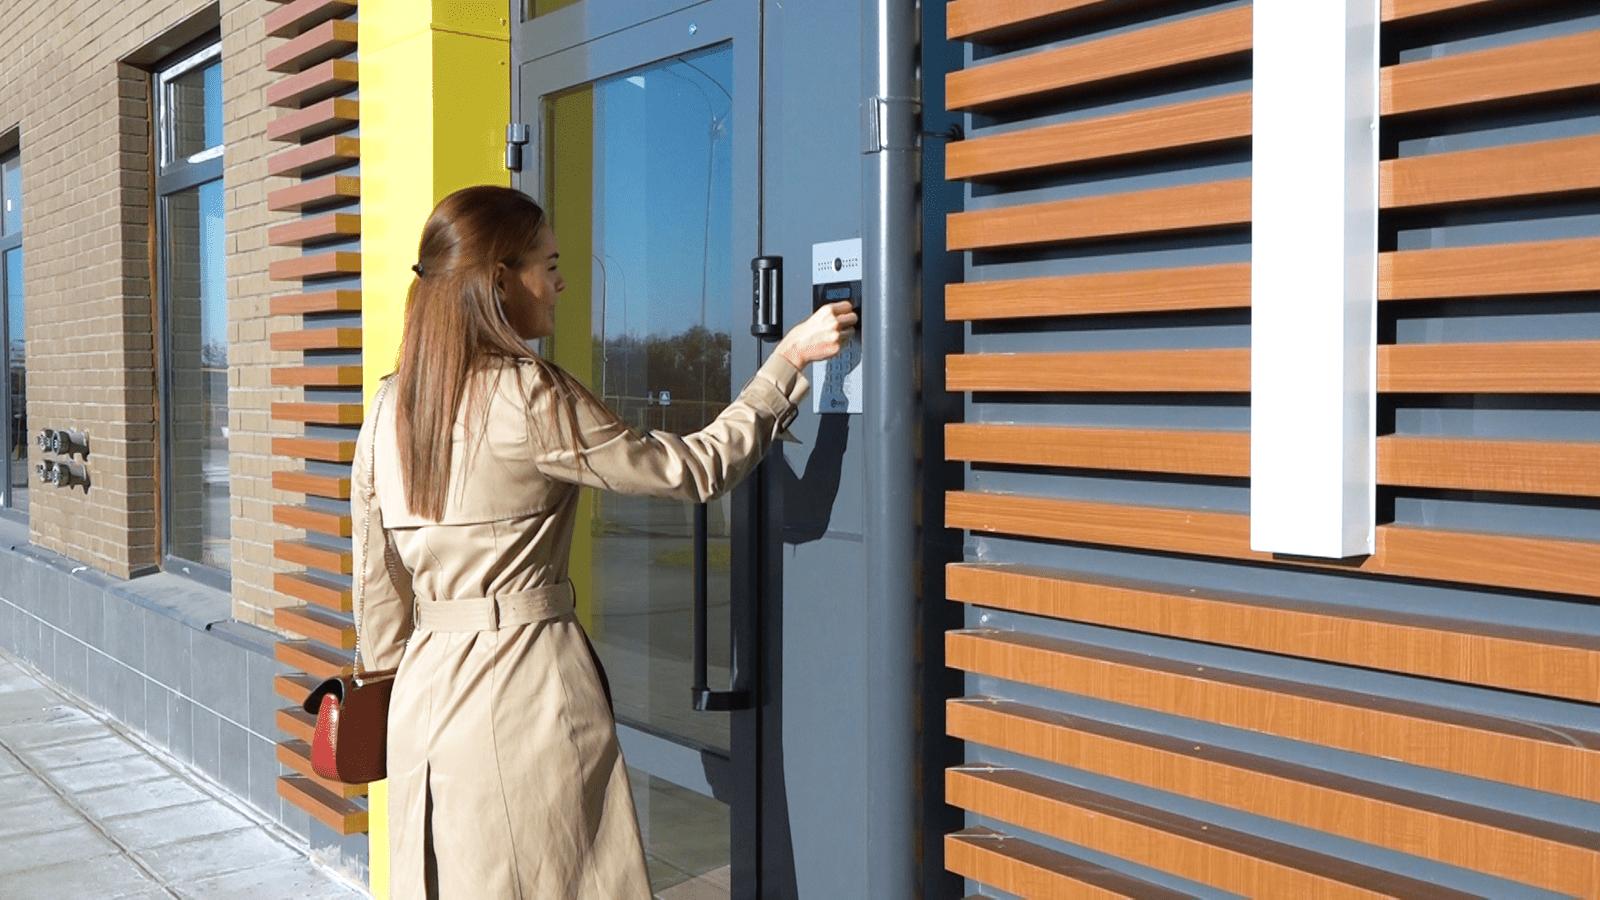 Первые 100 собственников получили ключи от новых квартир в ЖК «Большое Путилково» в Красногорске | Изображение 1